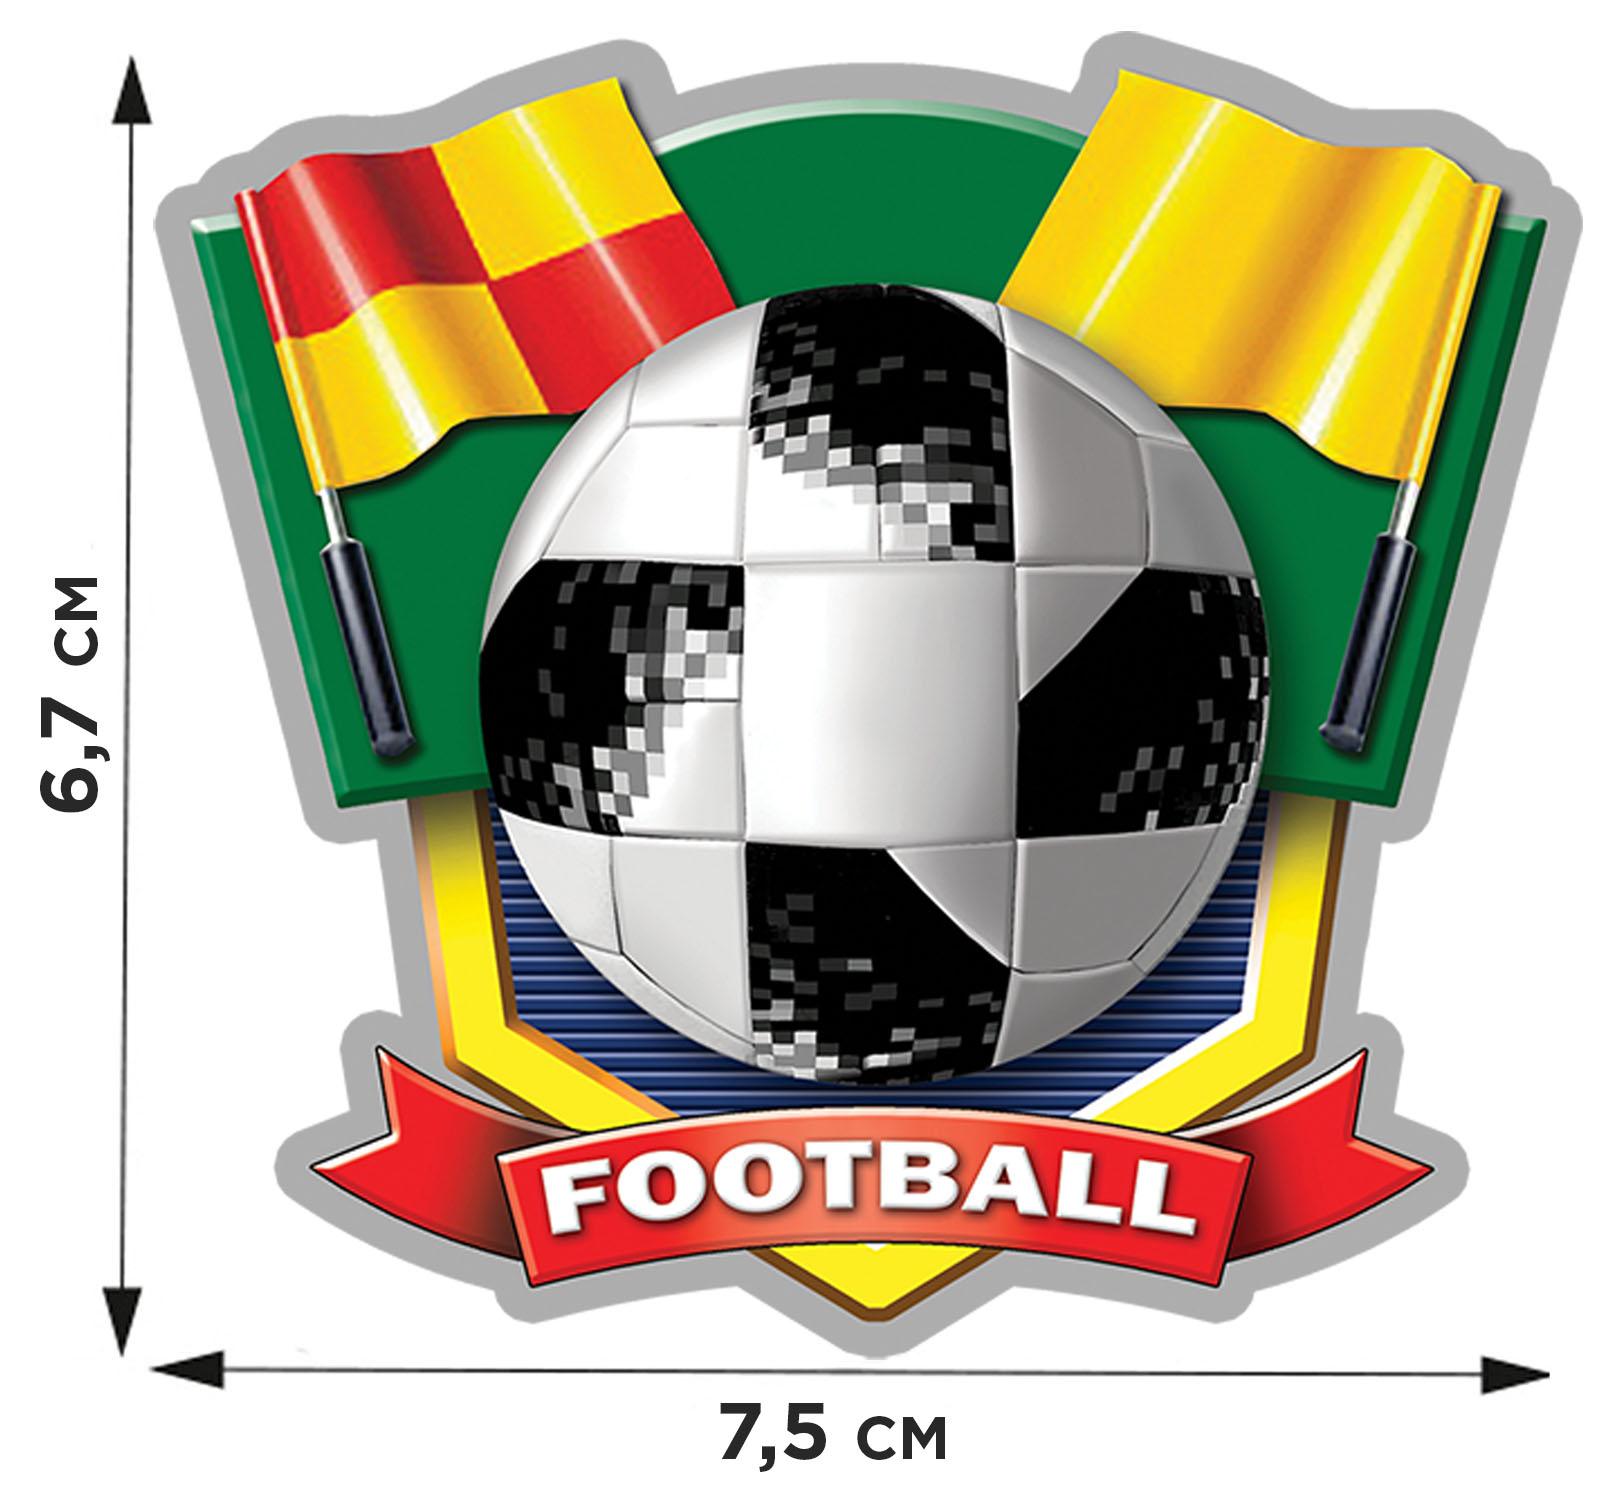 Купить термонаклейку FOOTBALL по лучшей цене